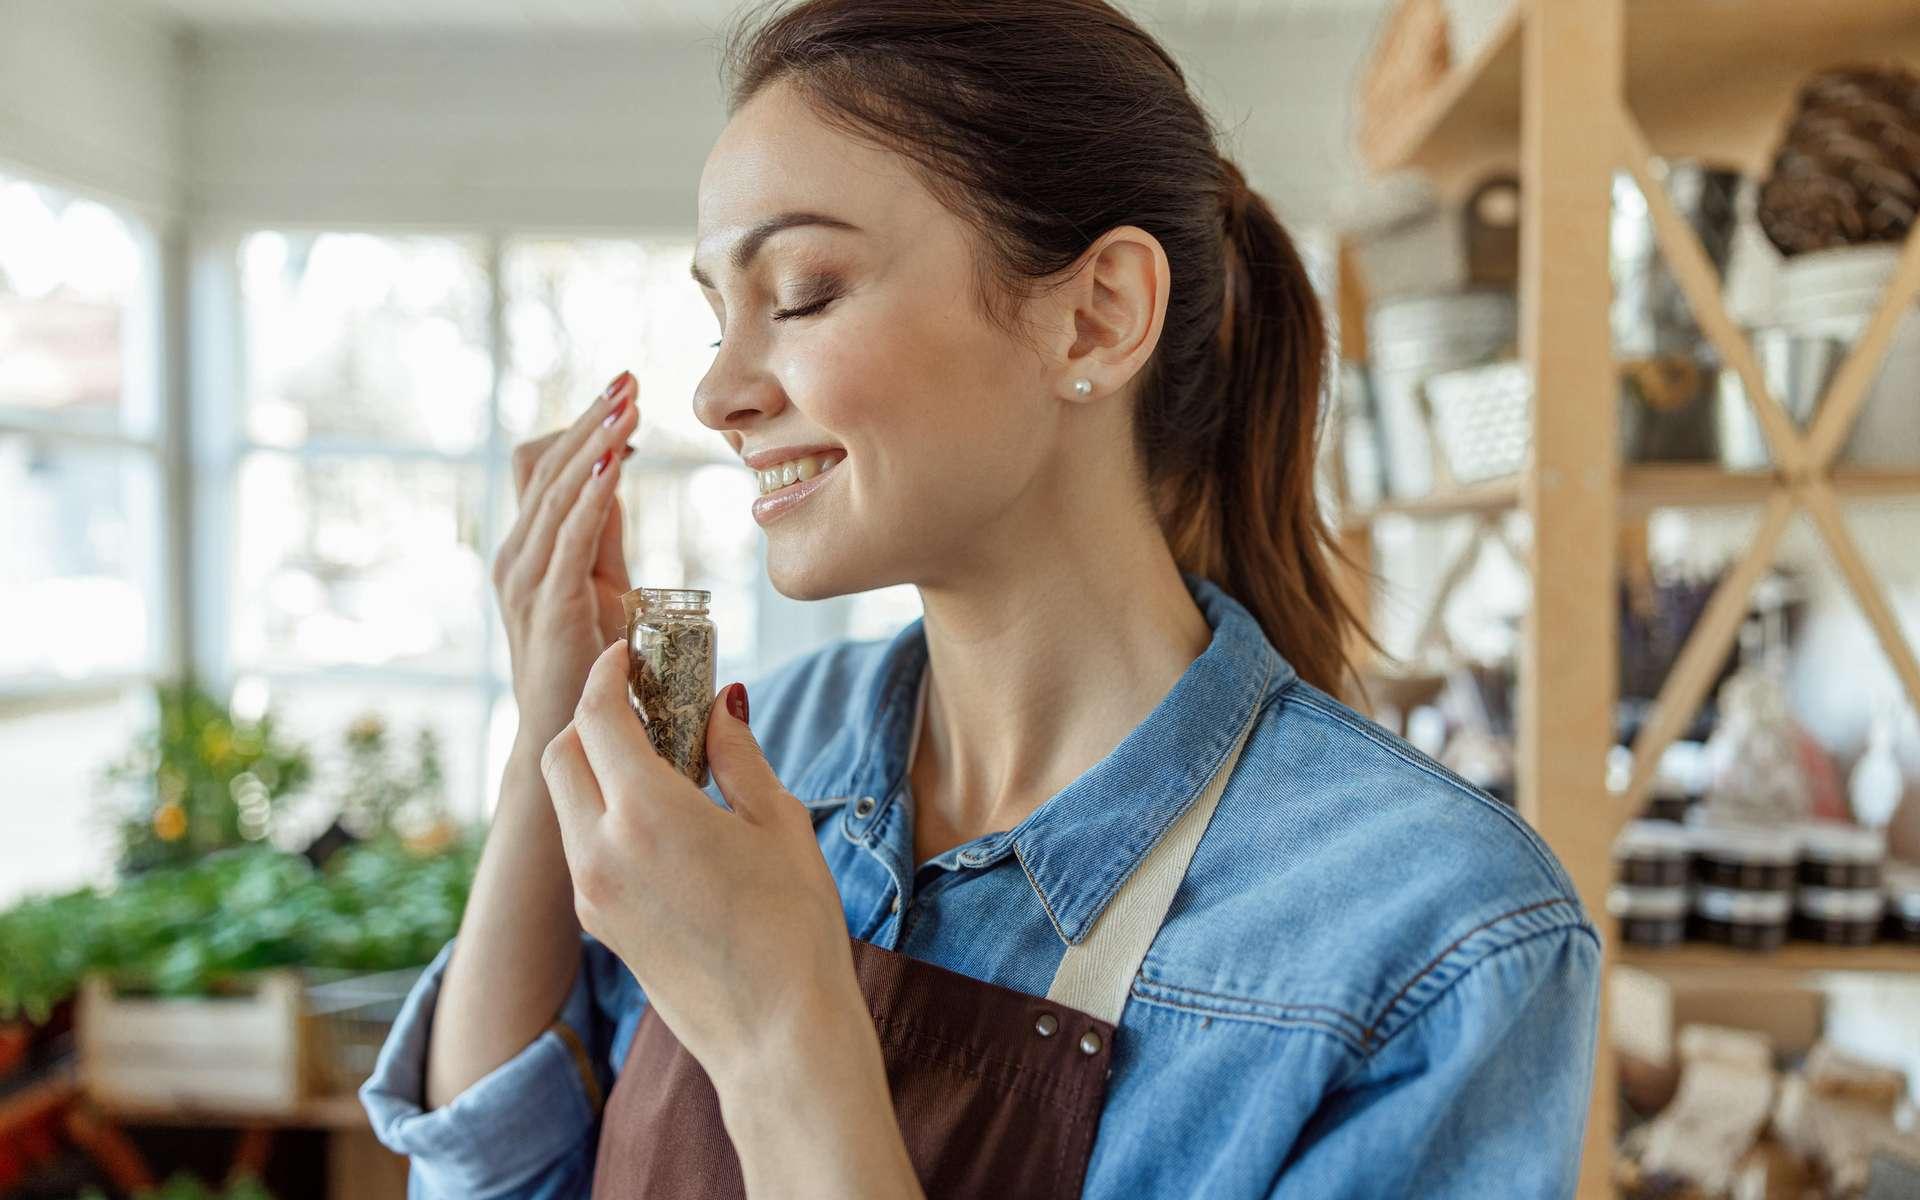 L'odorat est l'un des cinq sens humains. © Yakobchuk Olena, Adobe Stock